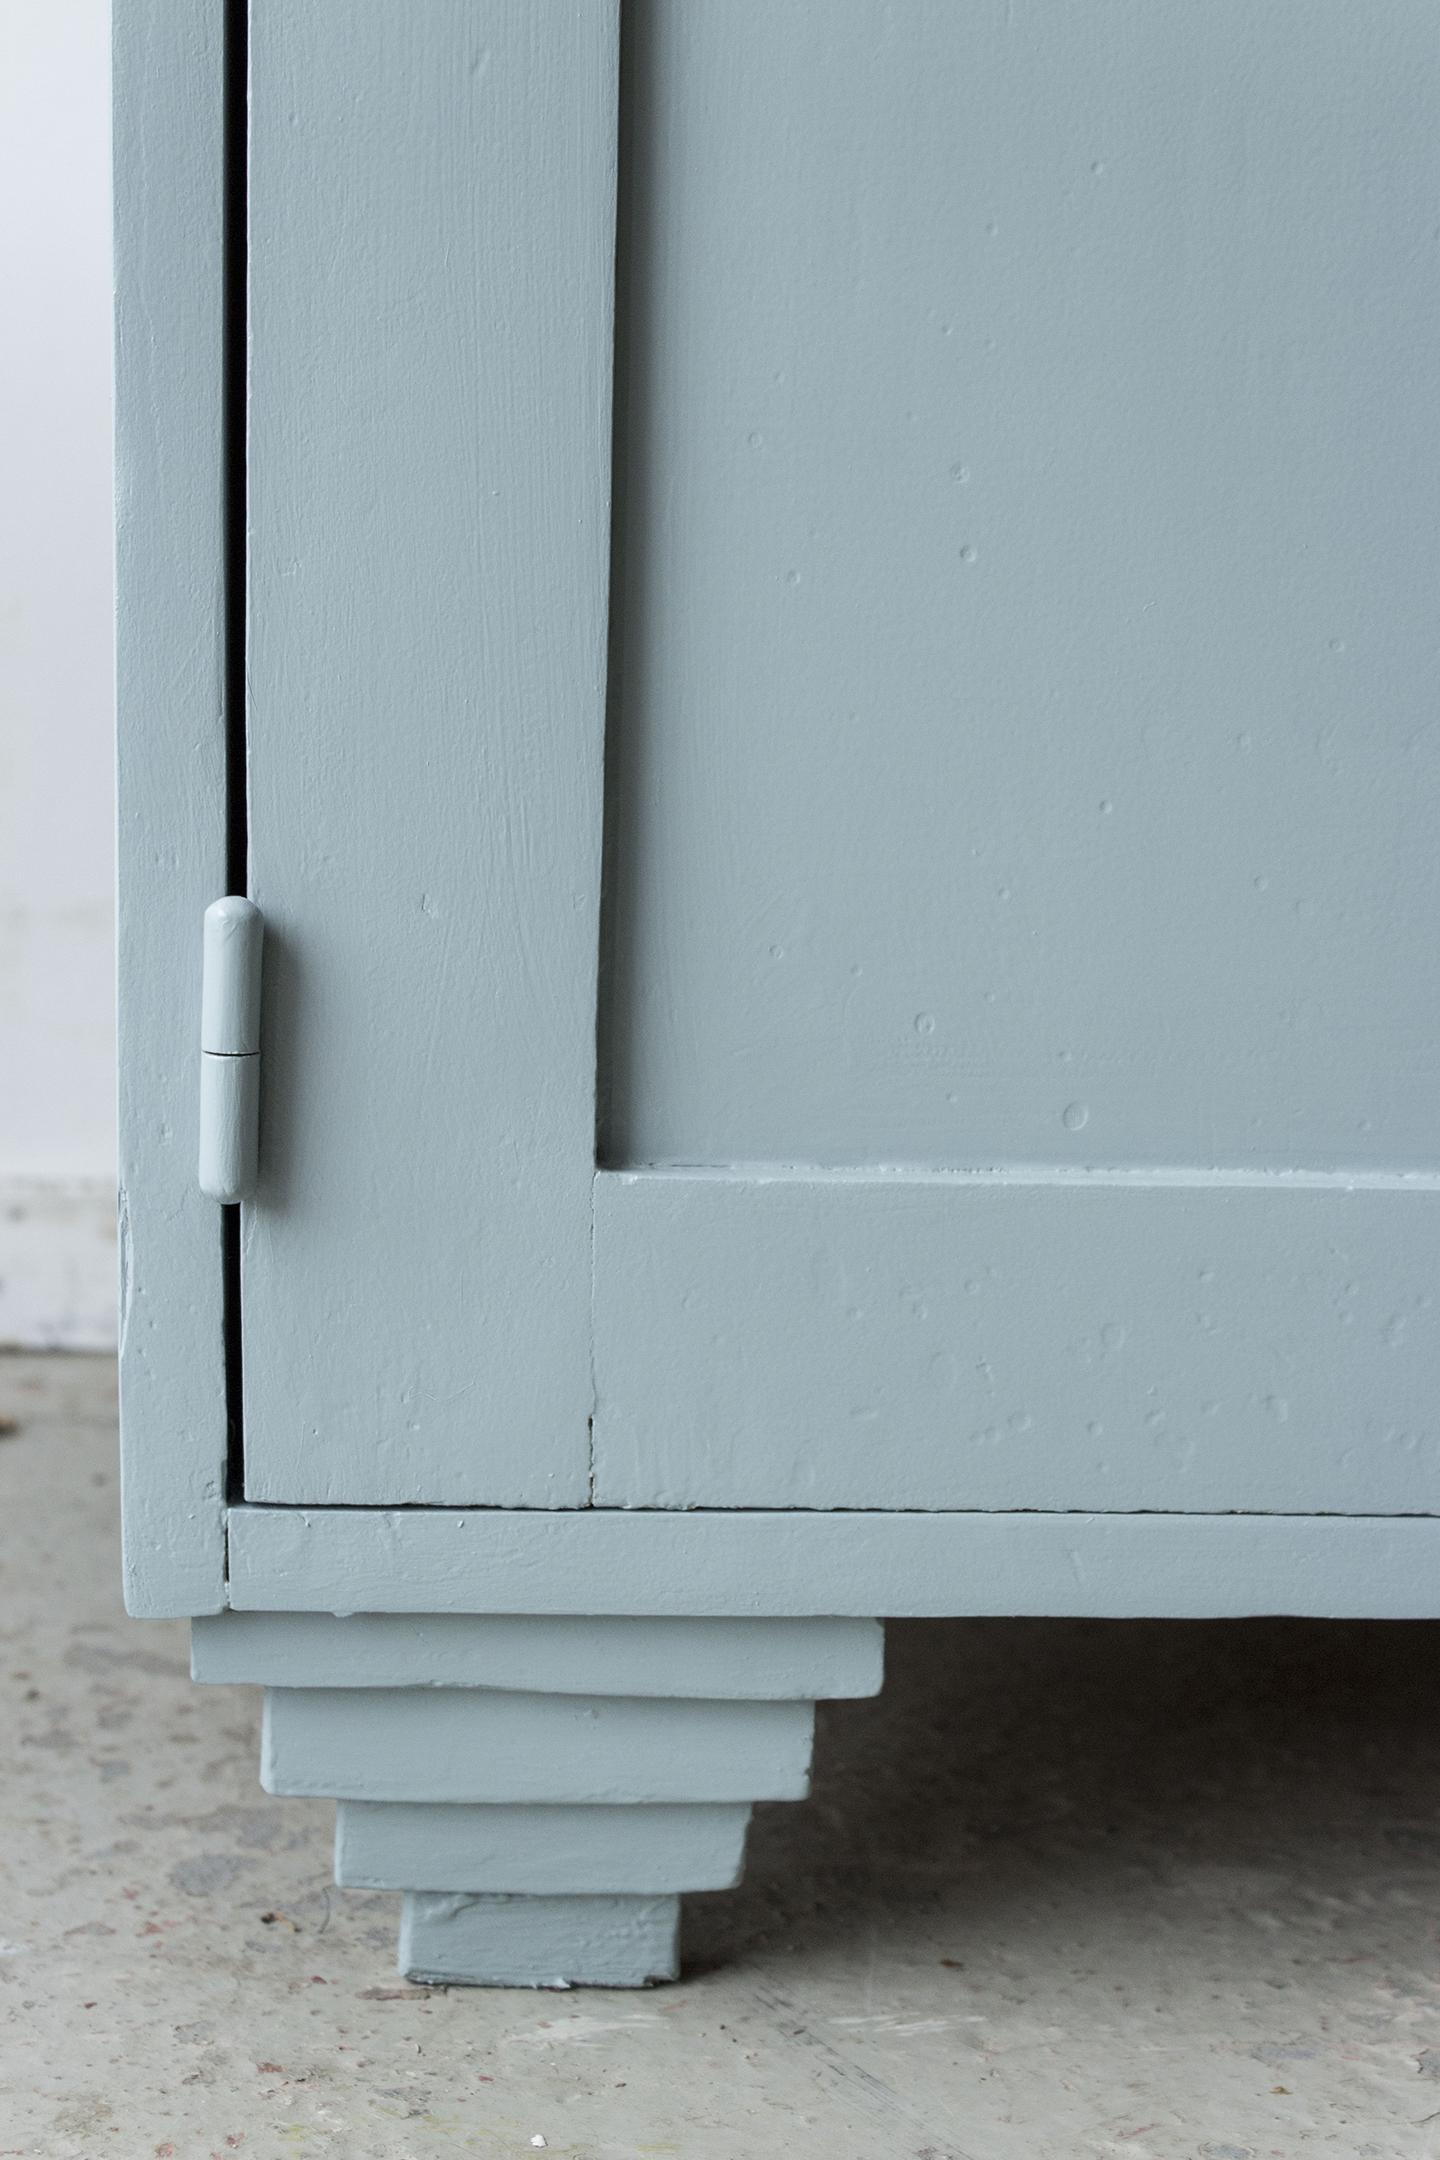 Grijsblauwe vintage houten locker-  Firma zoethout_8.jpg